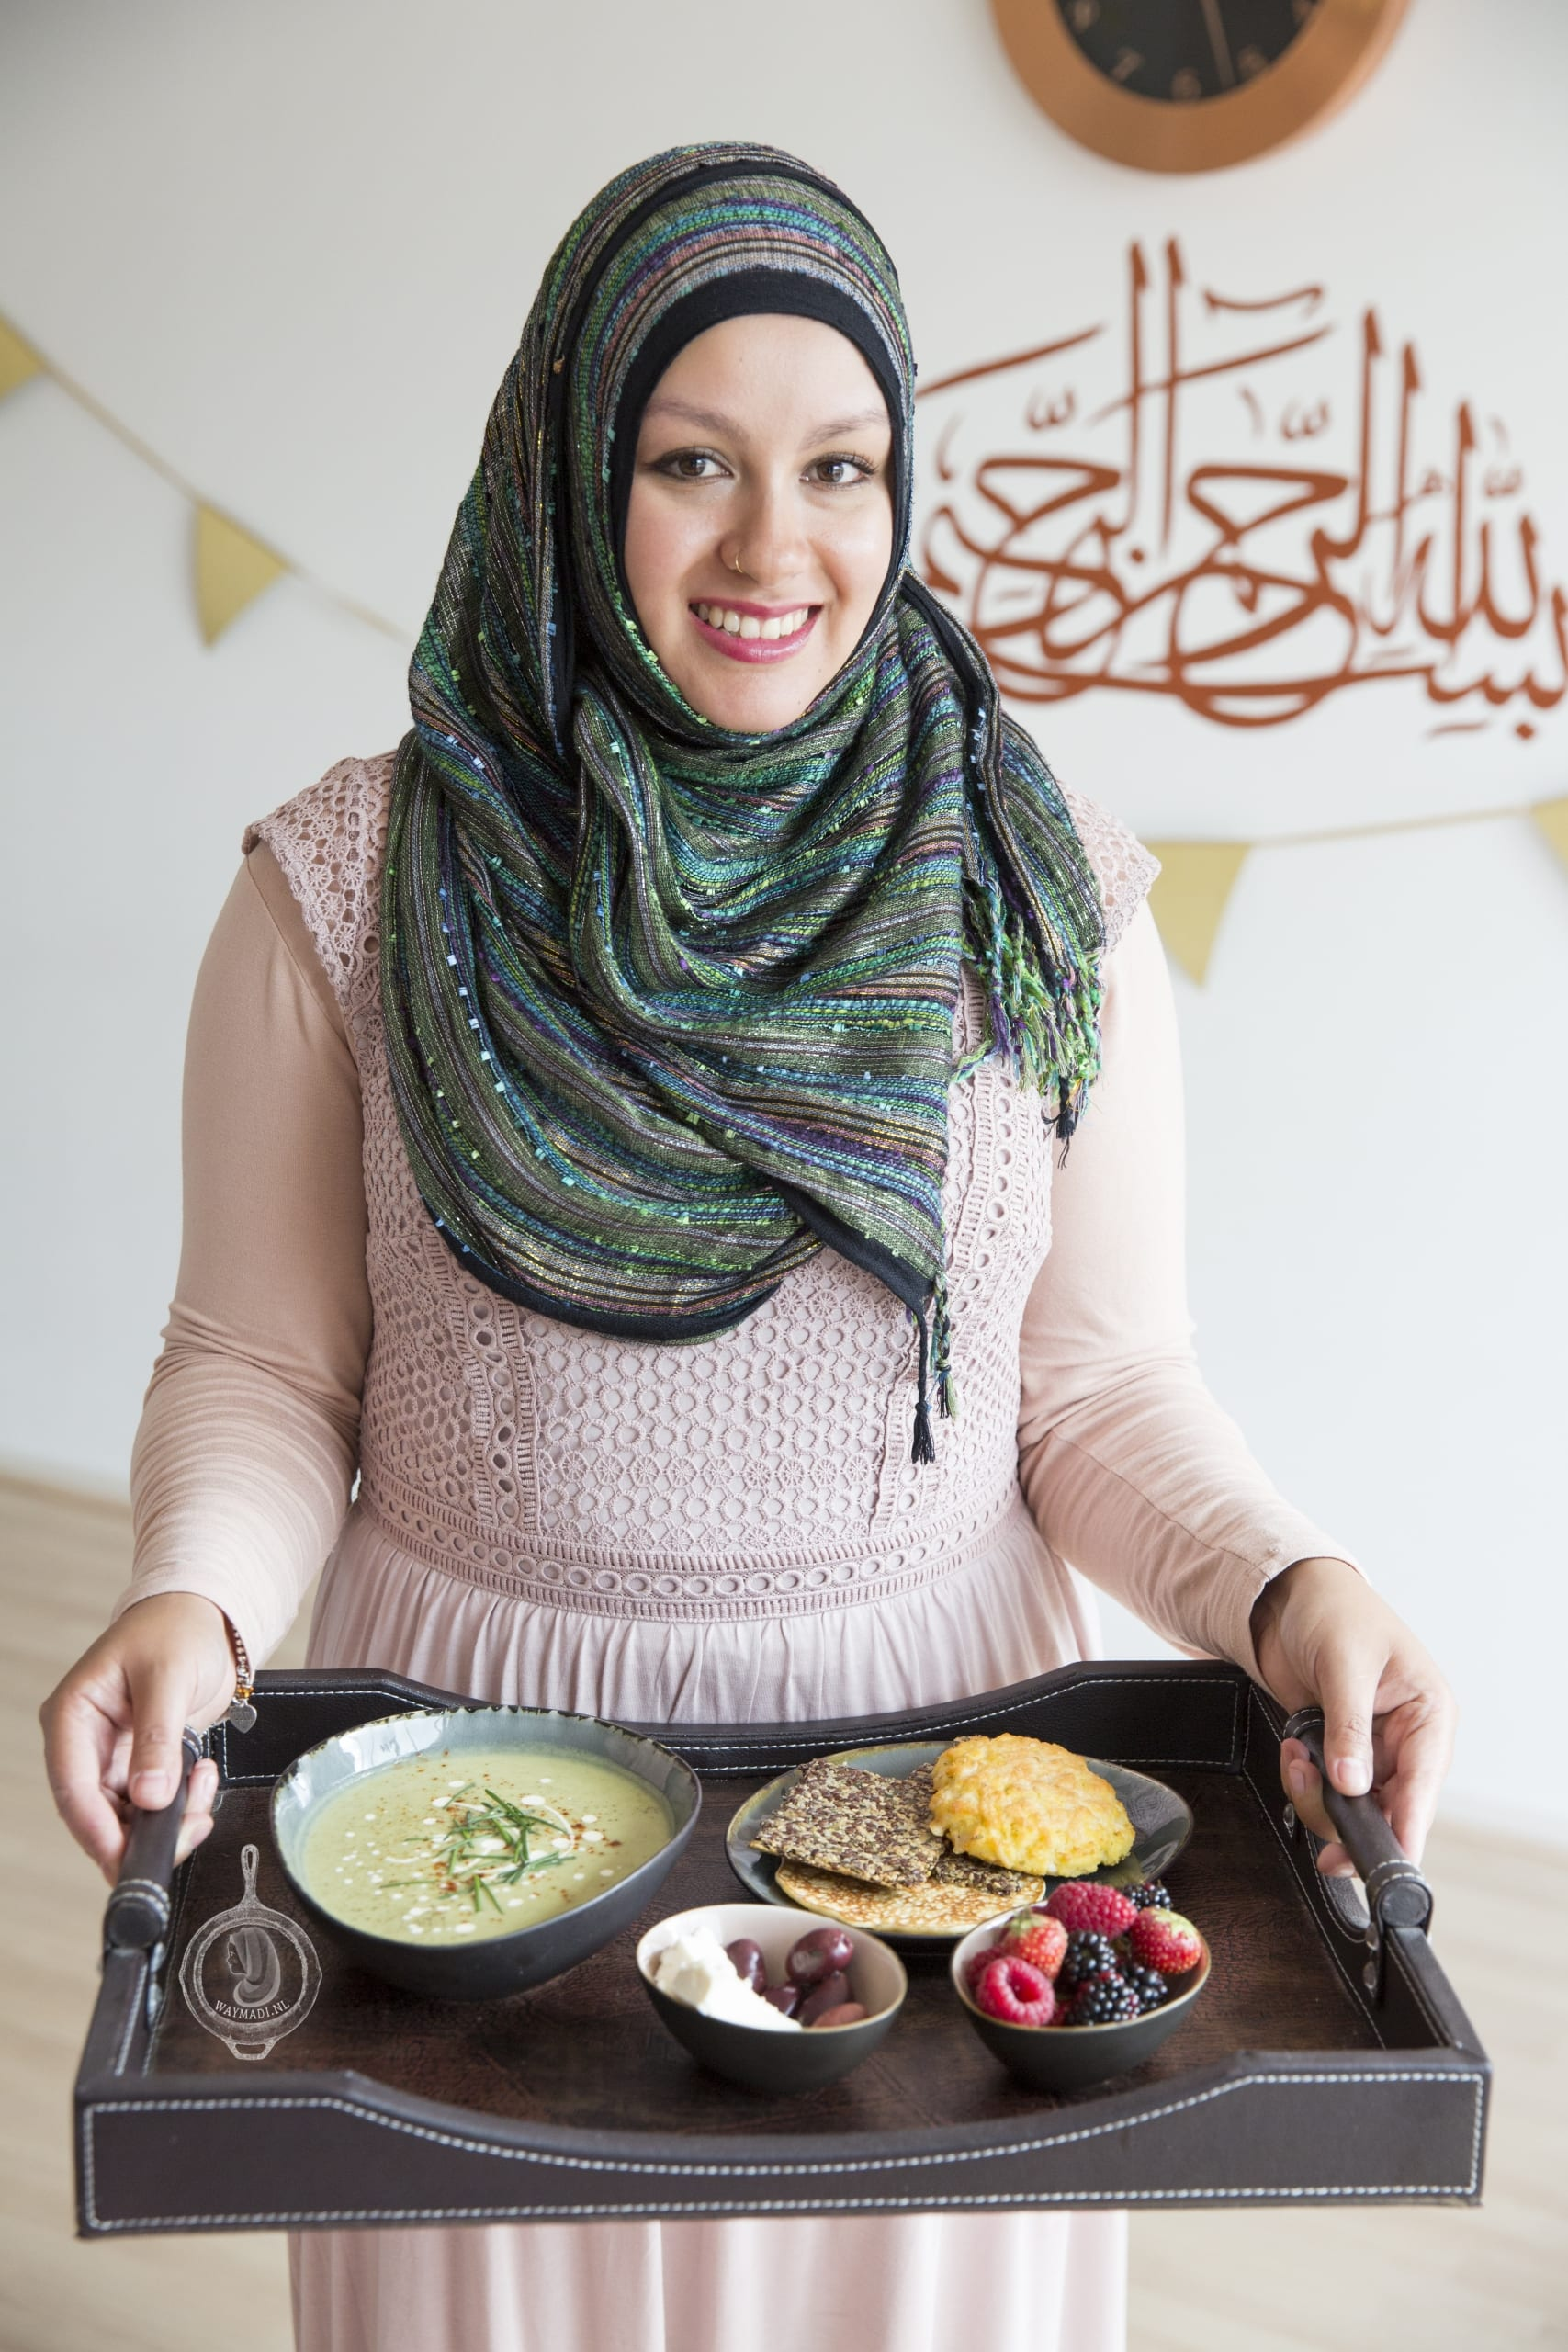 Ketogeen eten tijdens de Ramadan